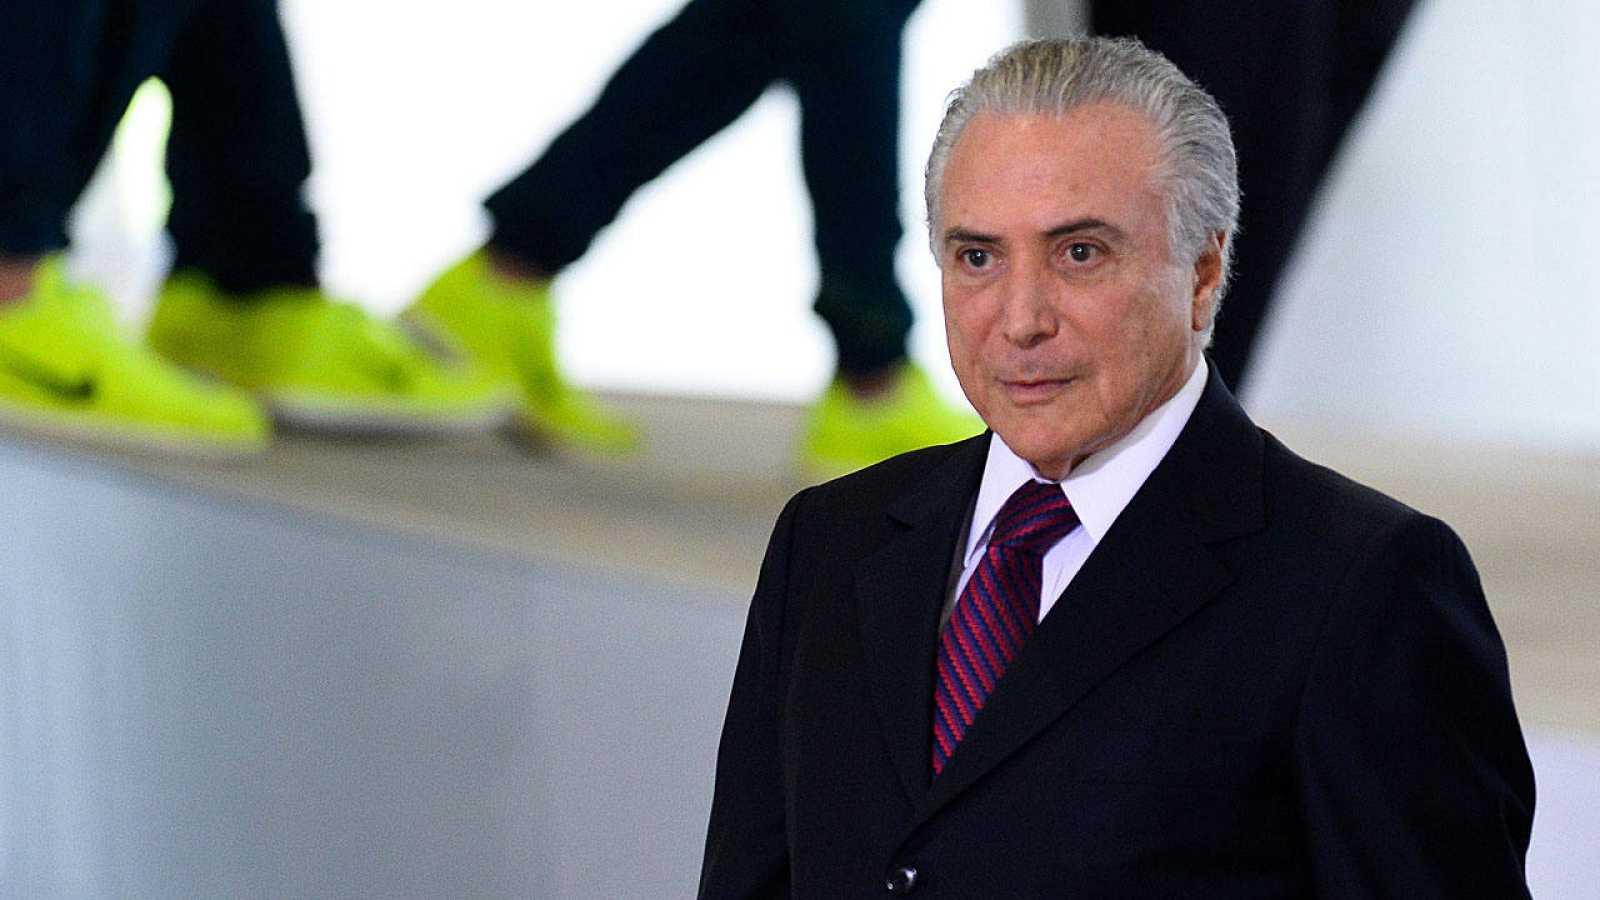 El presidente brasileño, Michel Temer, asume el cargo hasta el 1 de enero de 2019.